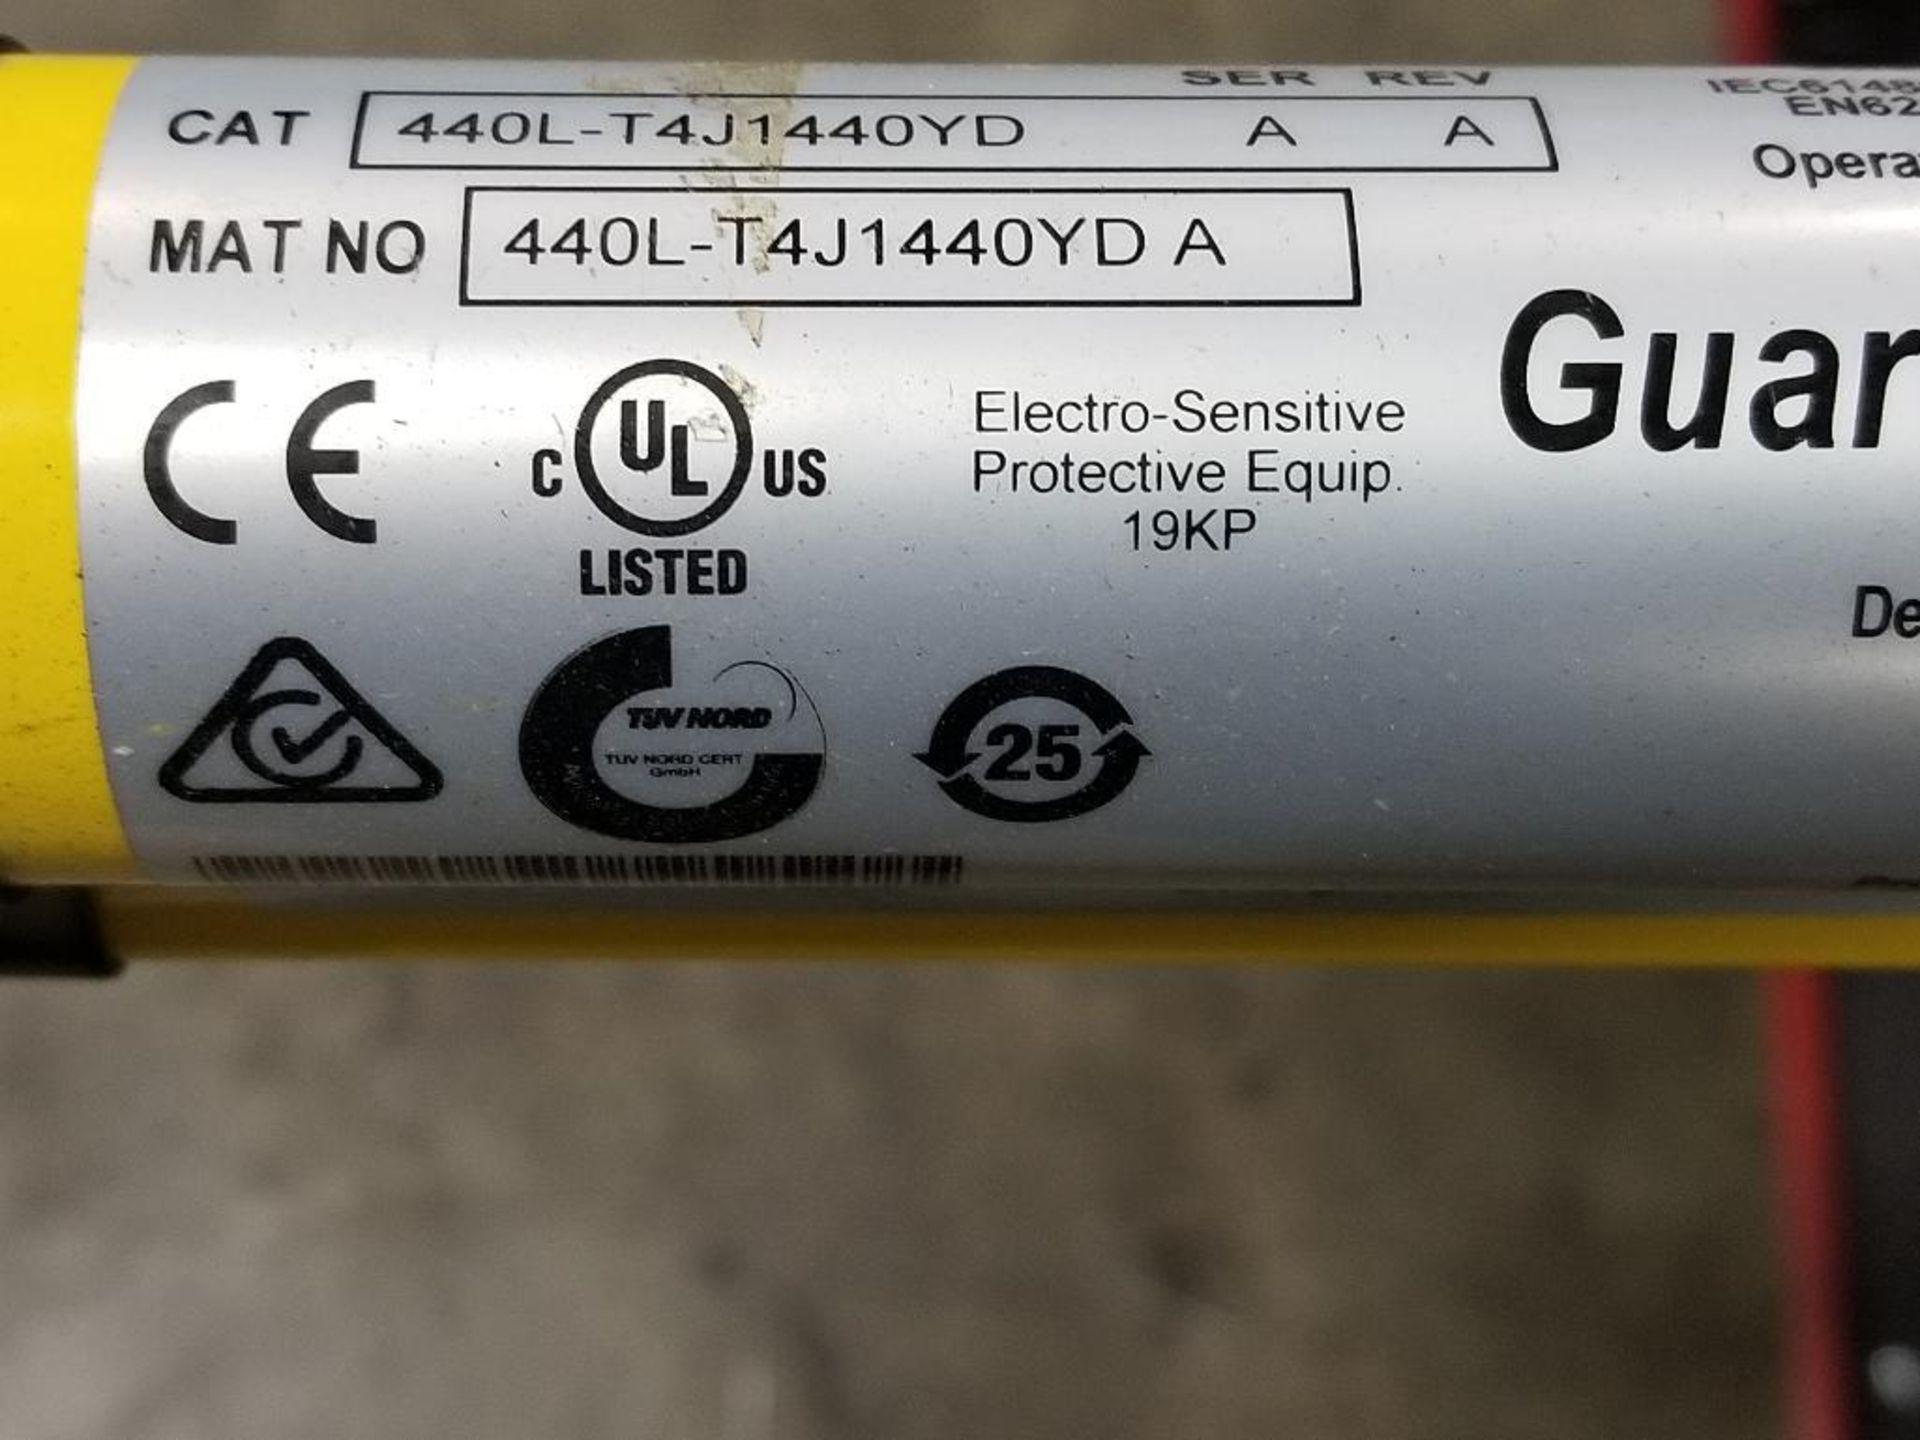 Allen Bradley Light curtain transmitter / receiver set. GuardMaster GuardShield T4J440YD 4K0AM1EF. - Image 15 of 23